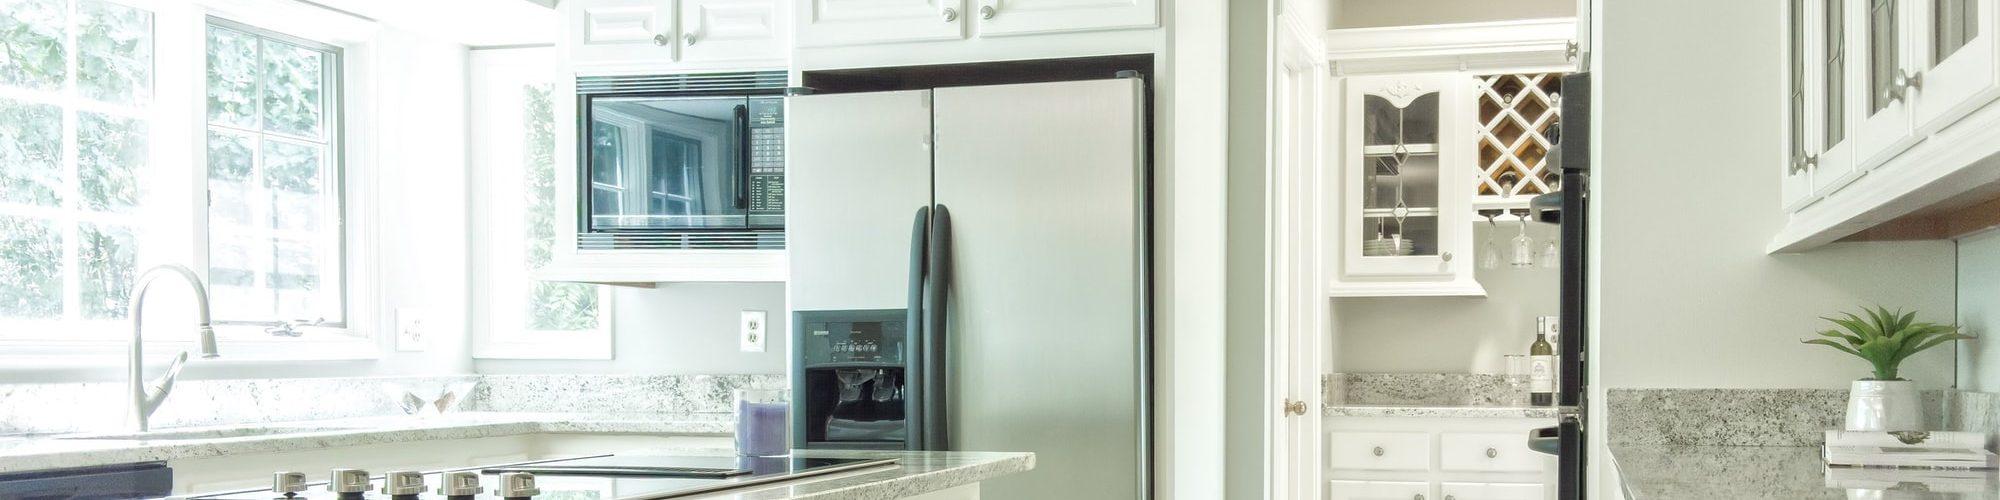 witte-keuken-zilveren-koelkast